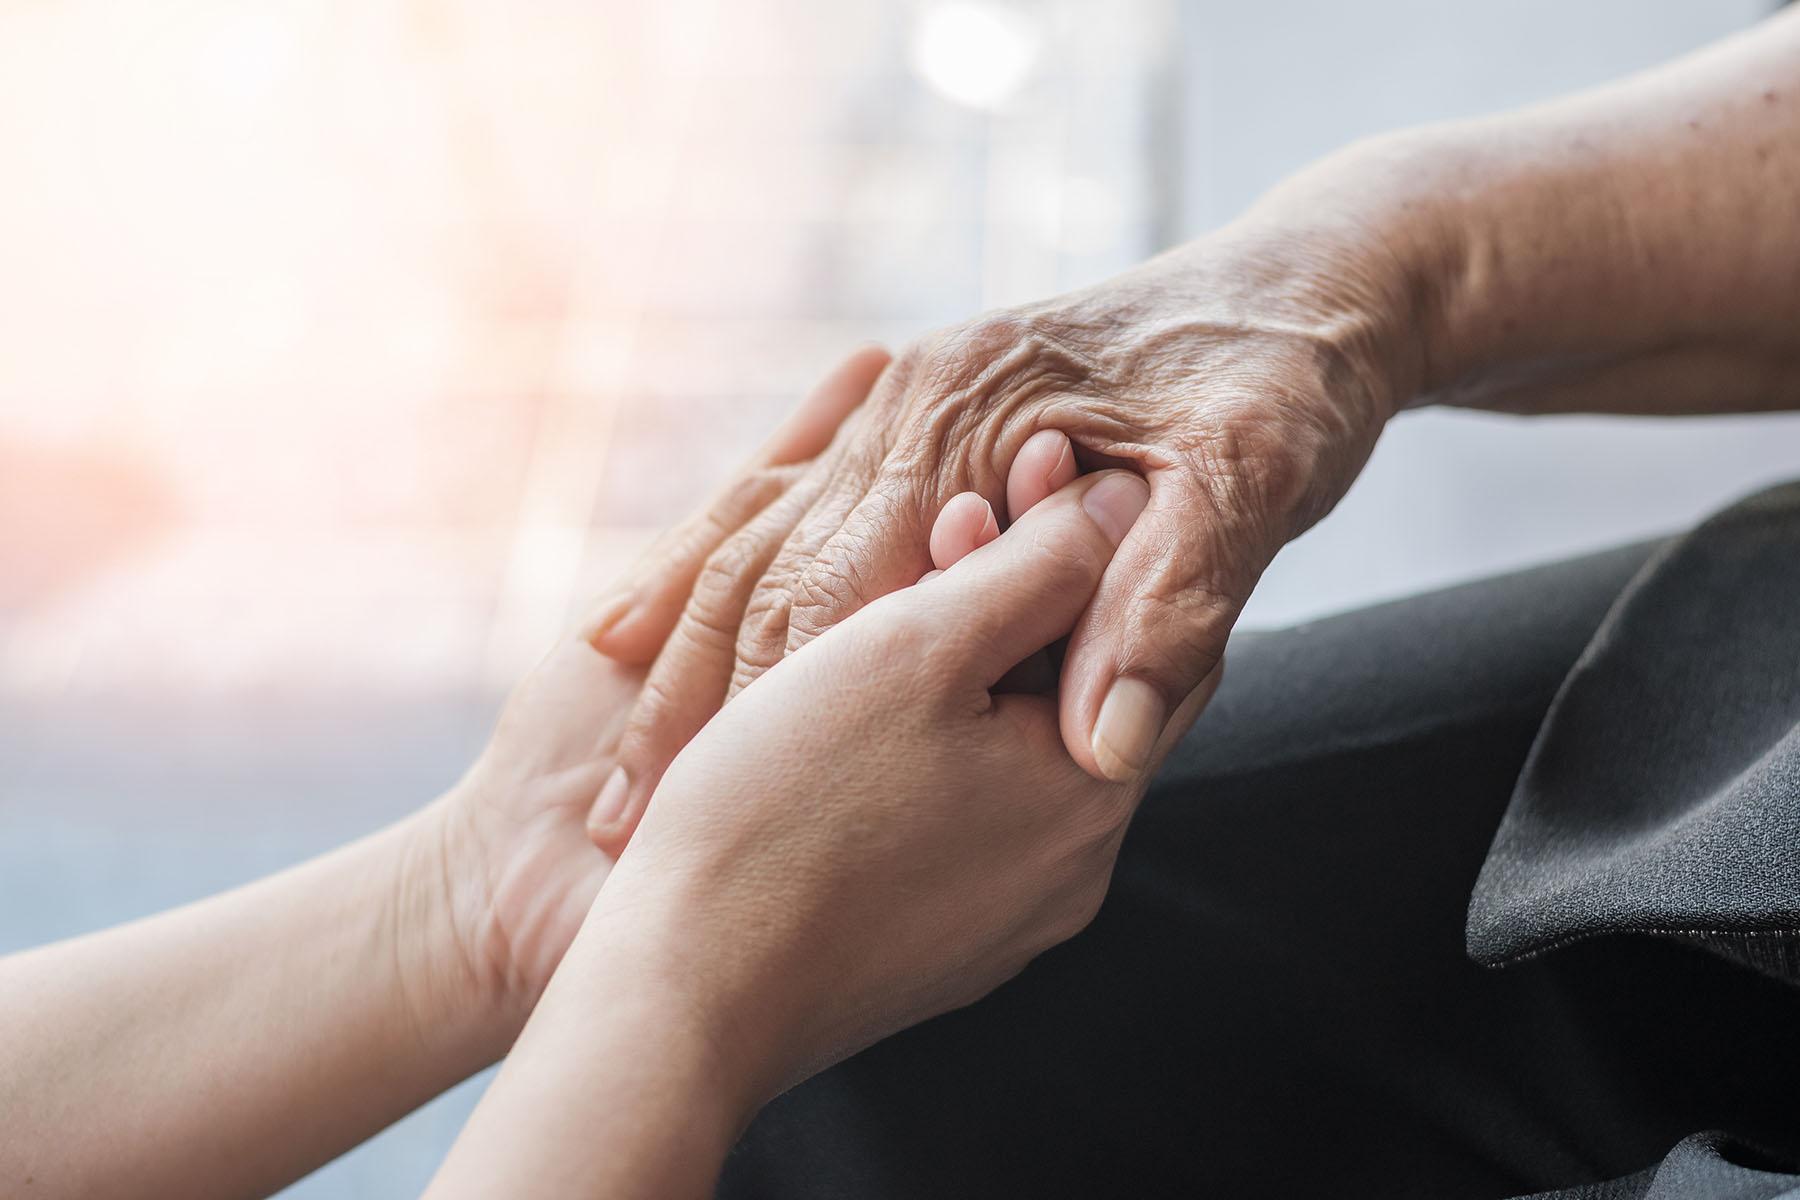 Artritis reumatoide, entre el desconocimiento y la esperanza